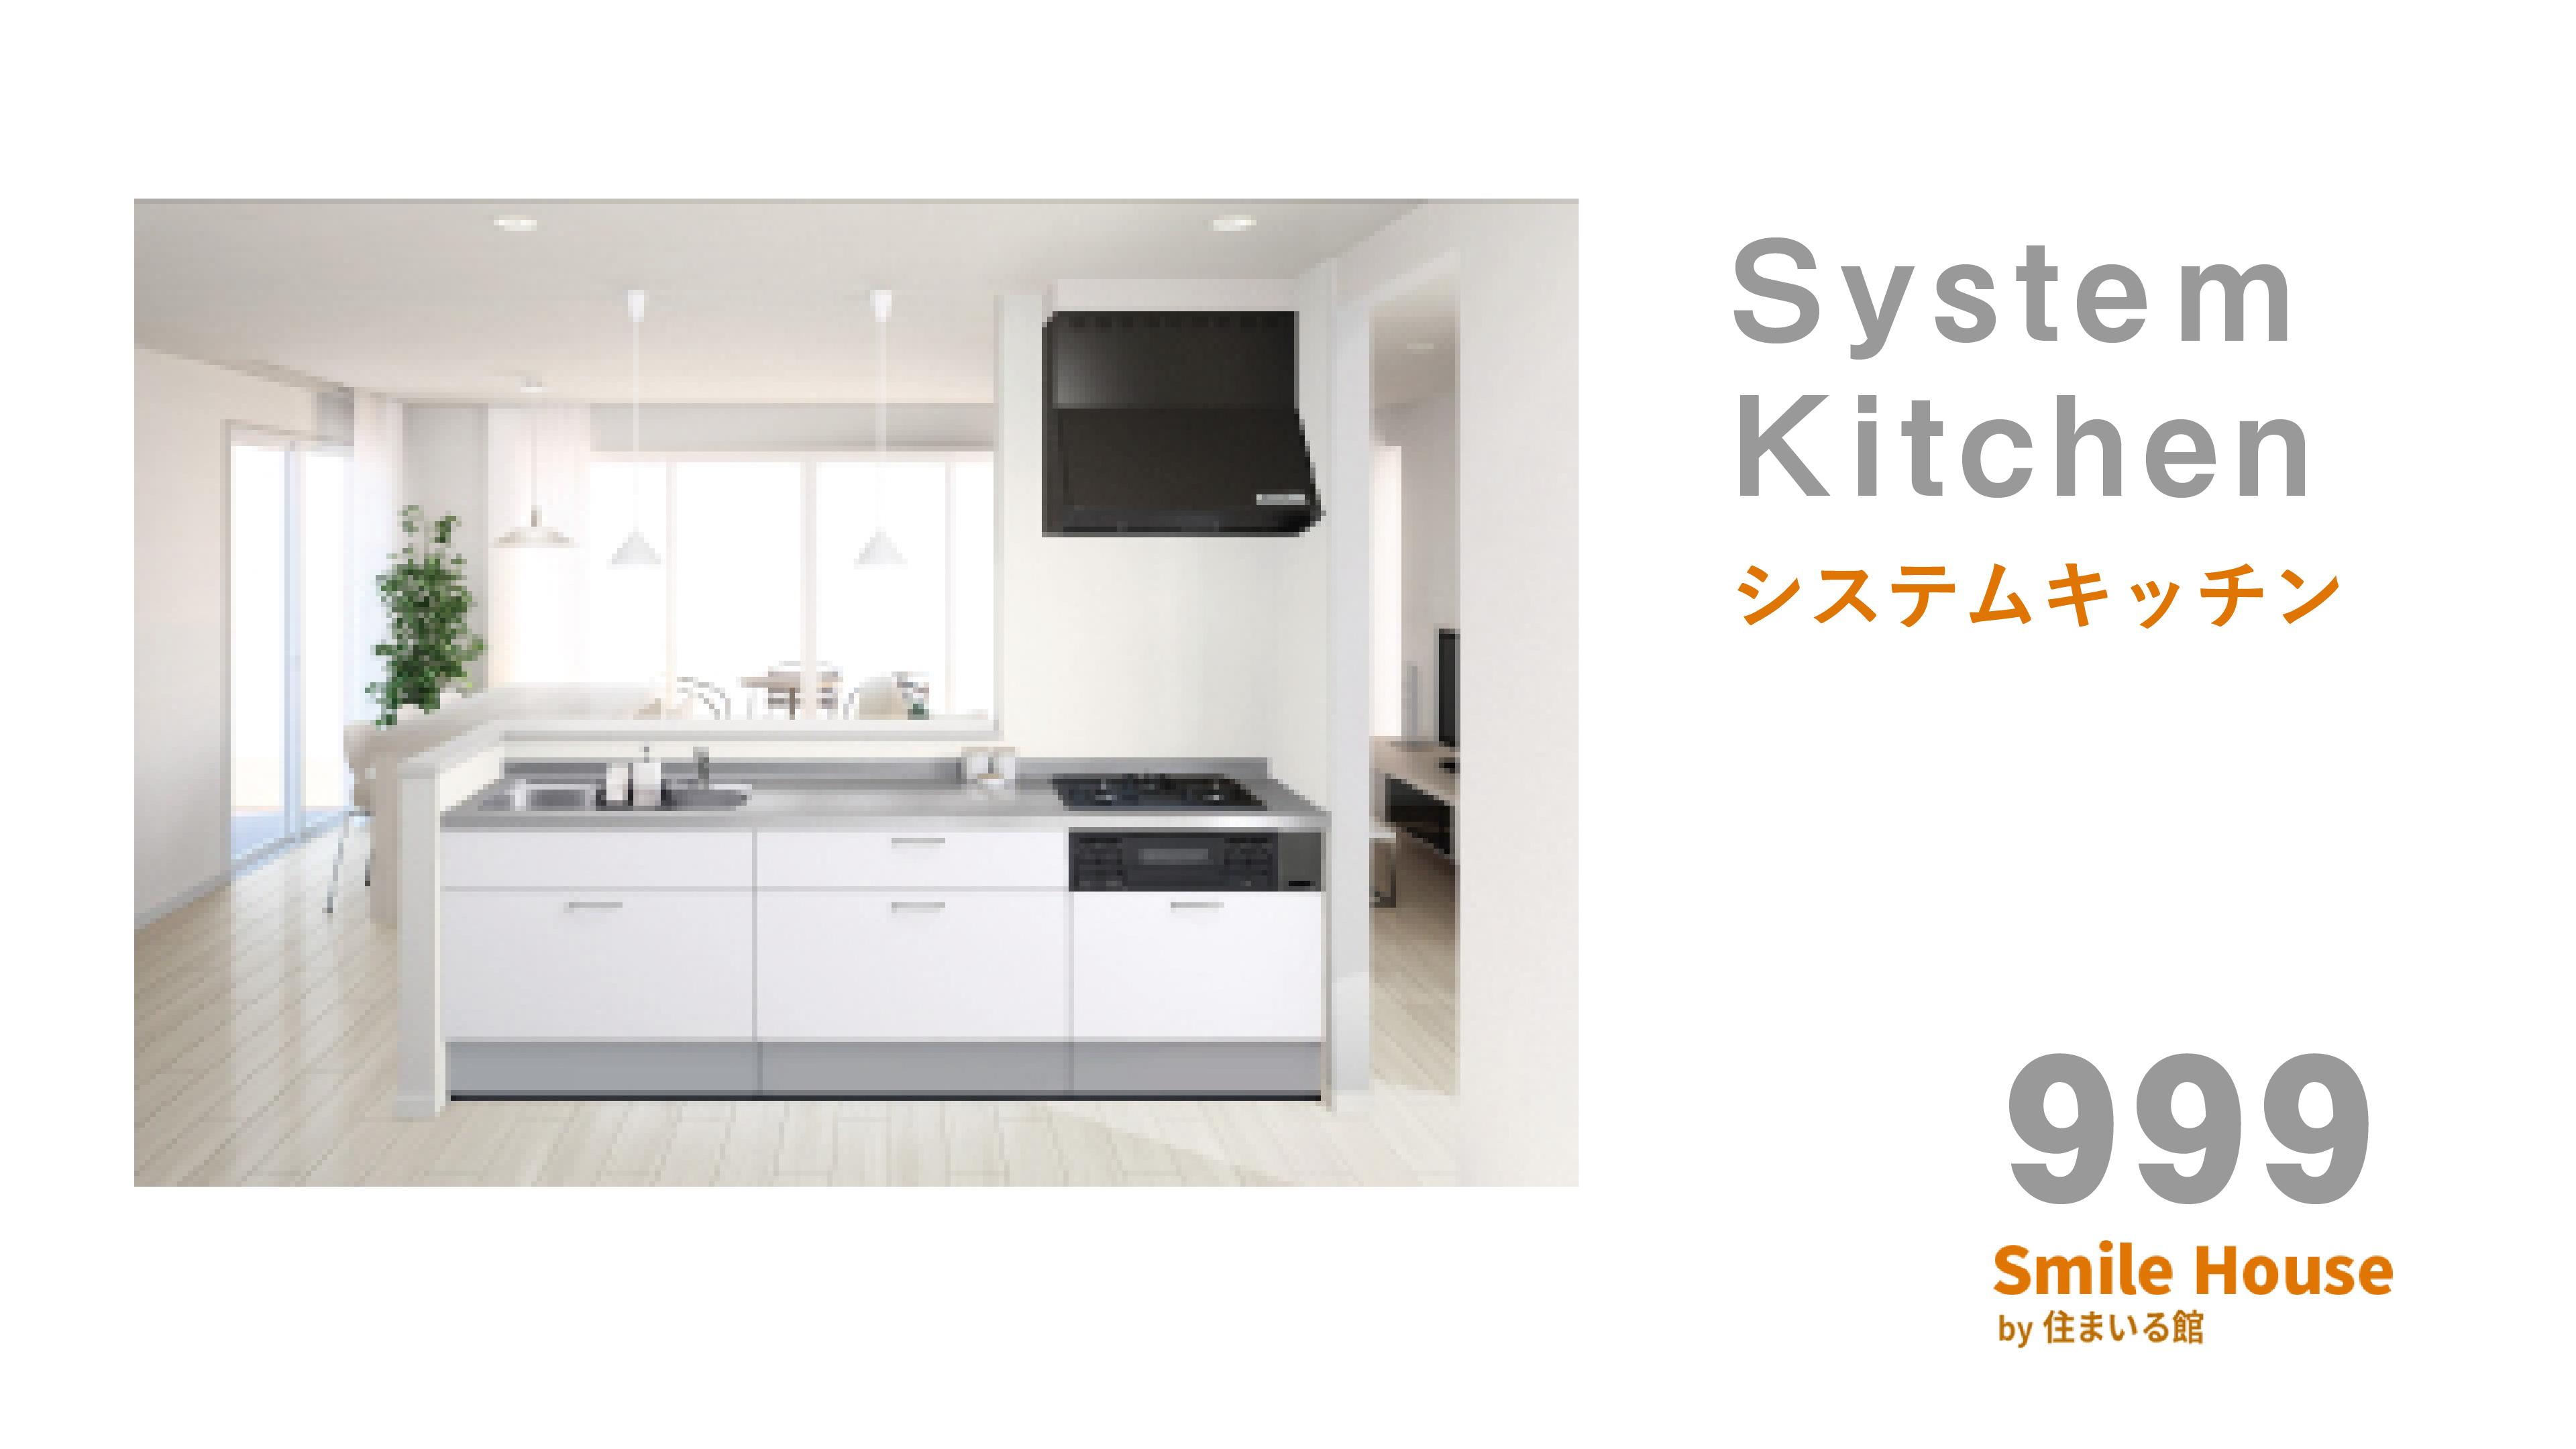 キッチン999